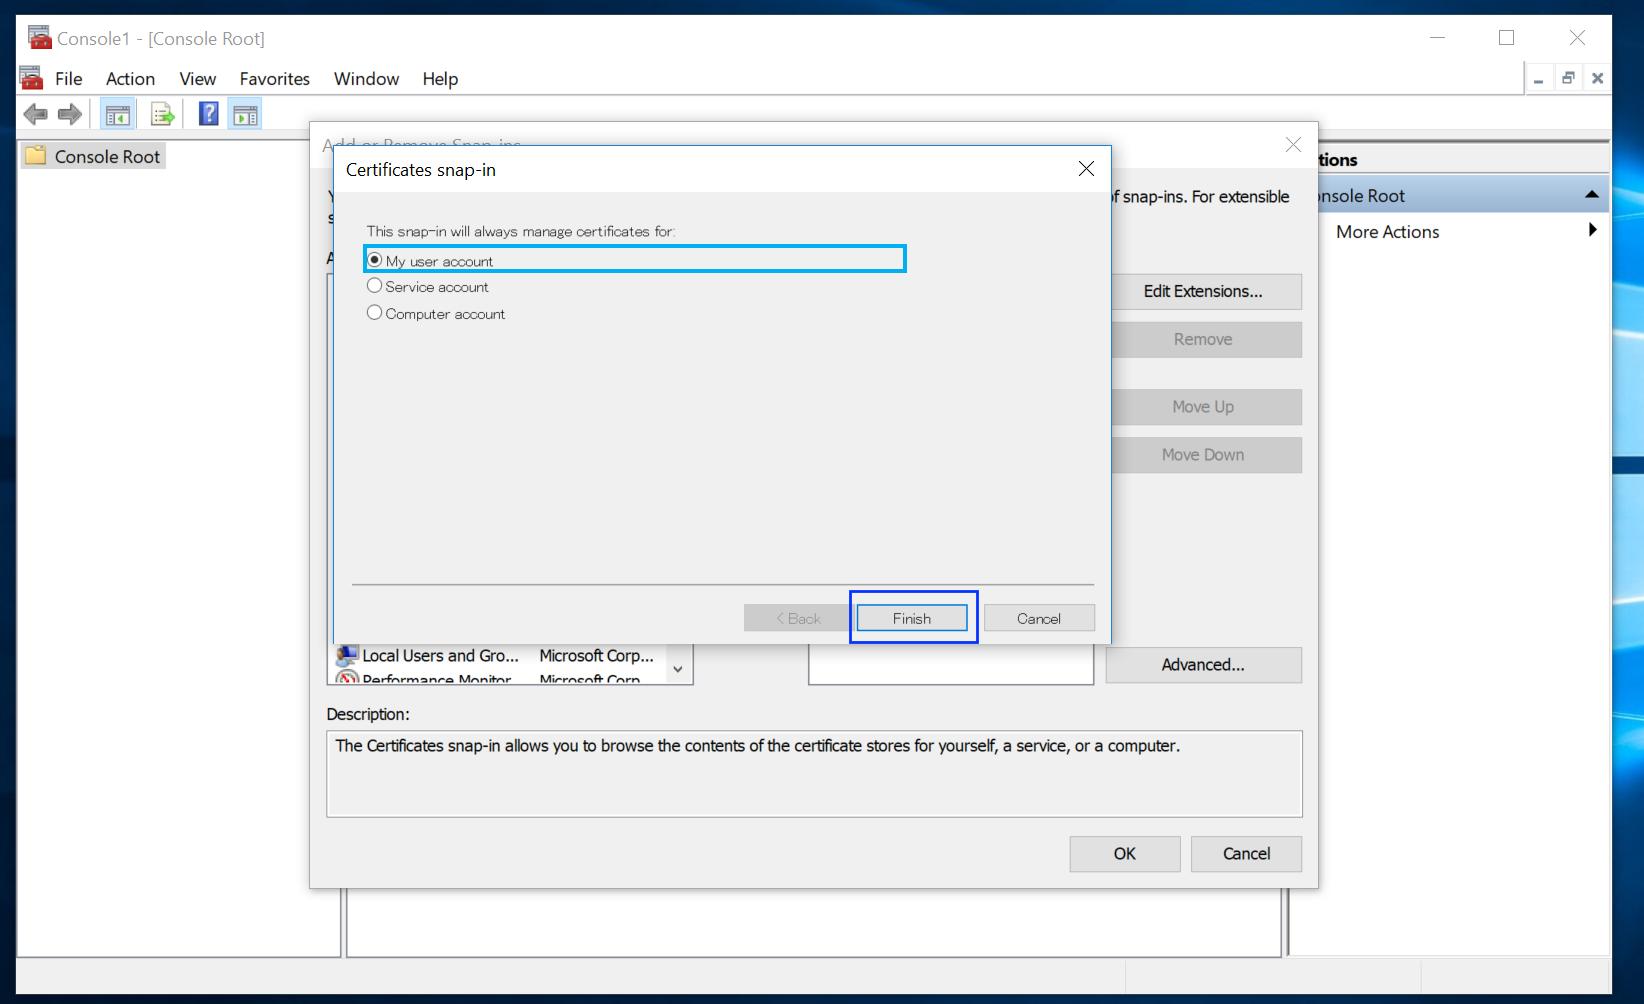 windows_delete_cert_5.png